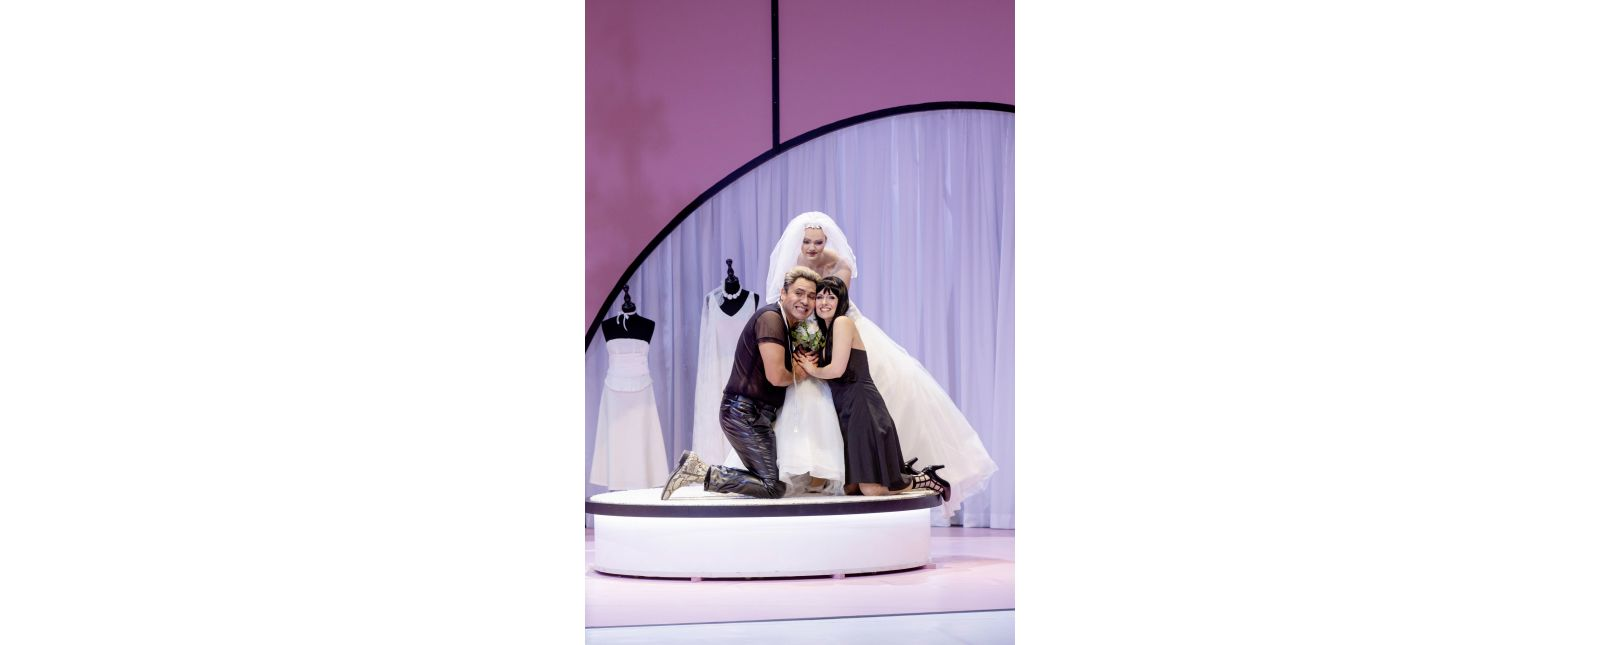 Die Hochzeit des Figaro // Juan Orozco / Katharina Ruckgaber / Statisterie // 2020 // Rainer Muranyi